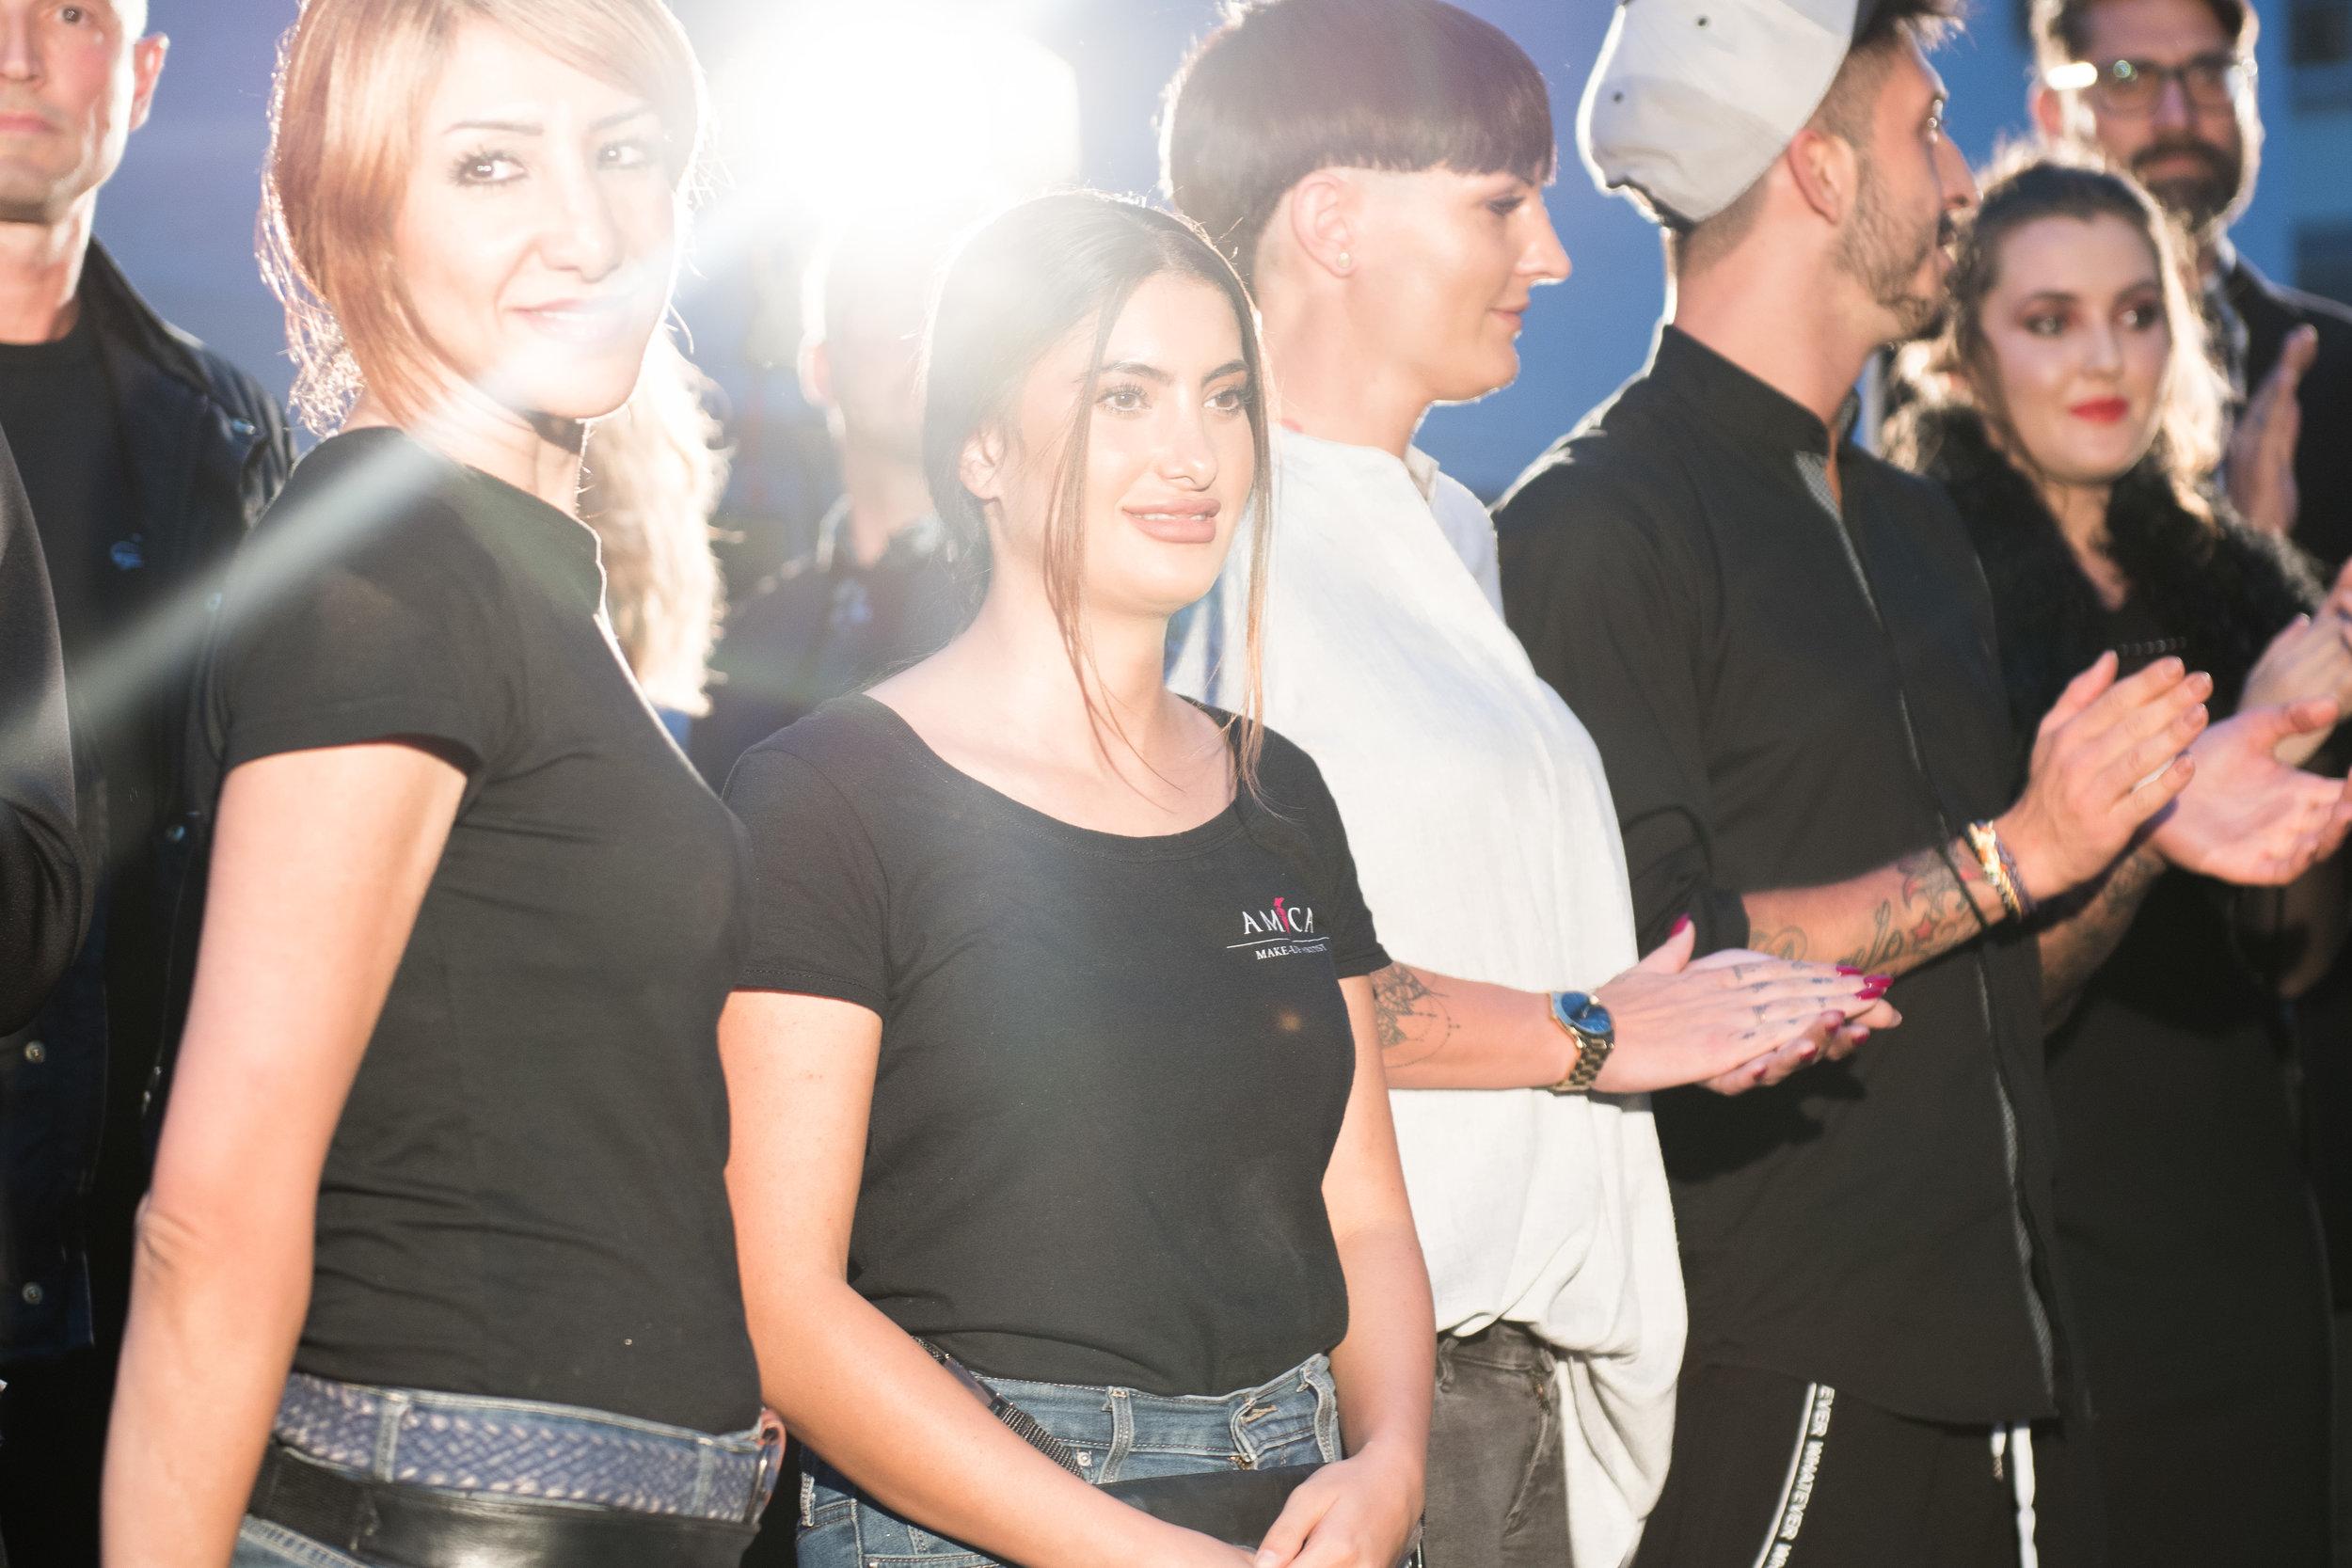 Fashionshowbackstage_96.jpg